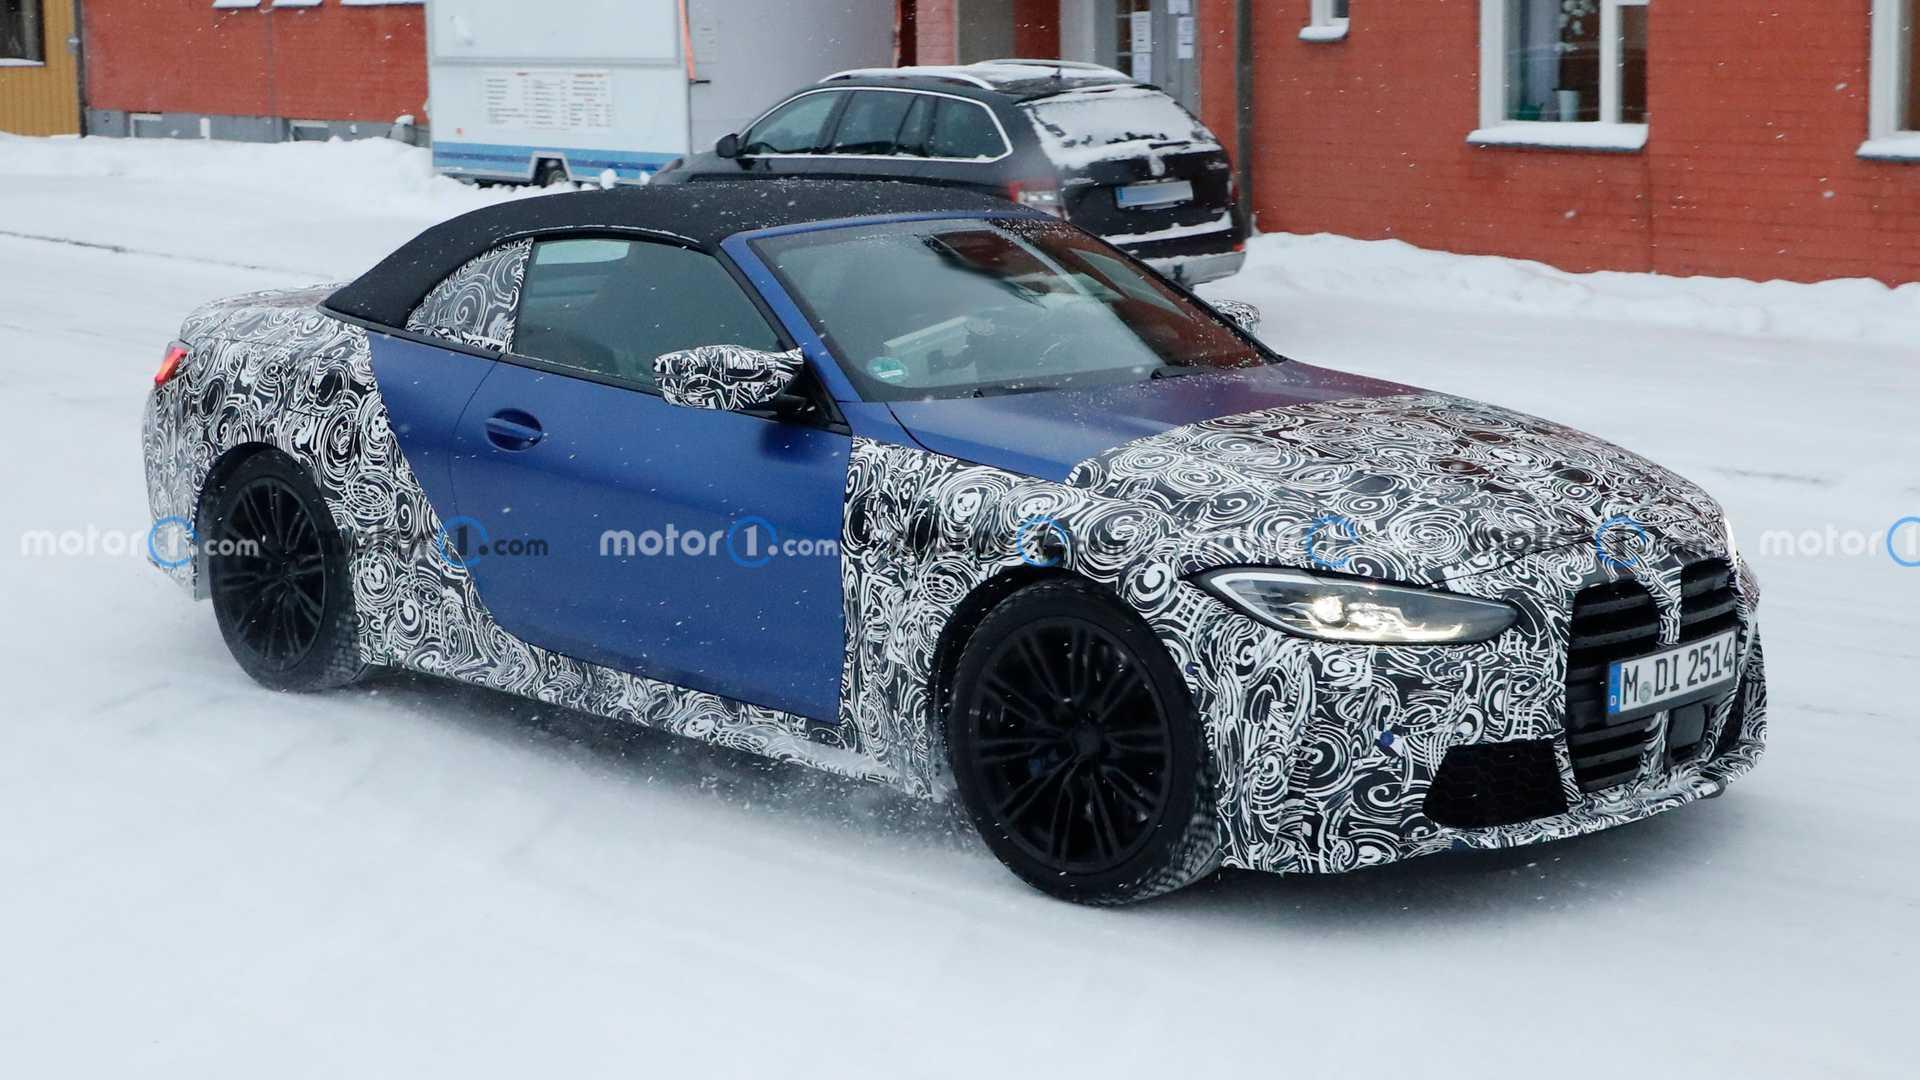 Рестайлинг BMW X3 M 2022 года, новый кабриолет M4 засекли часть тестового конвоя M